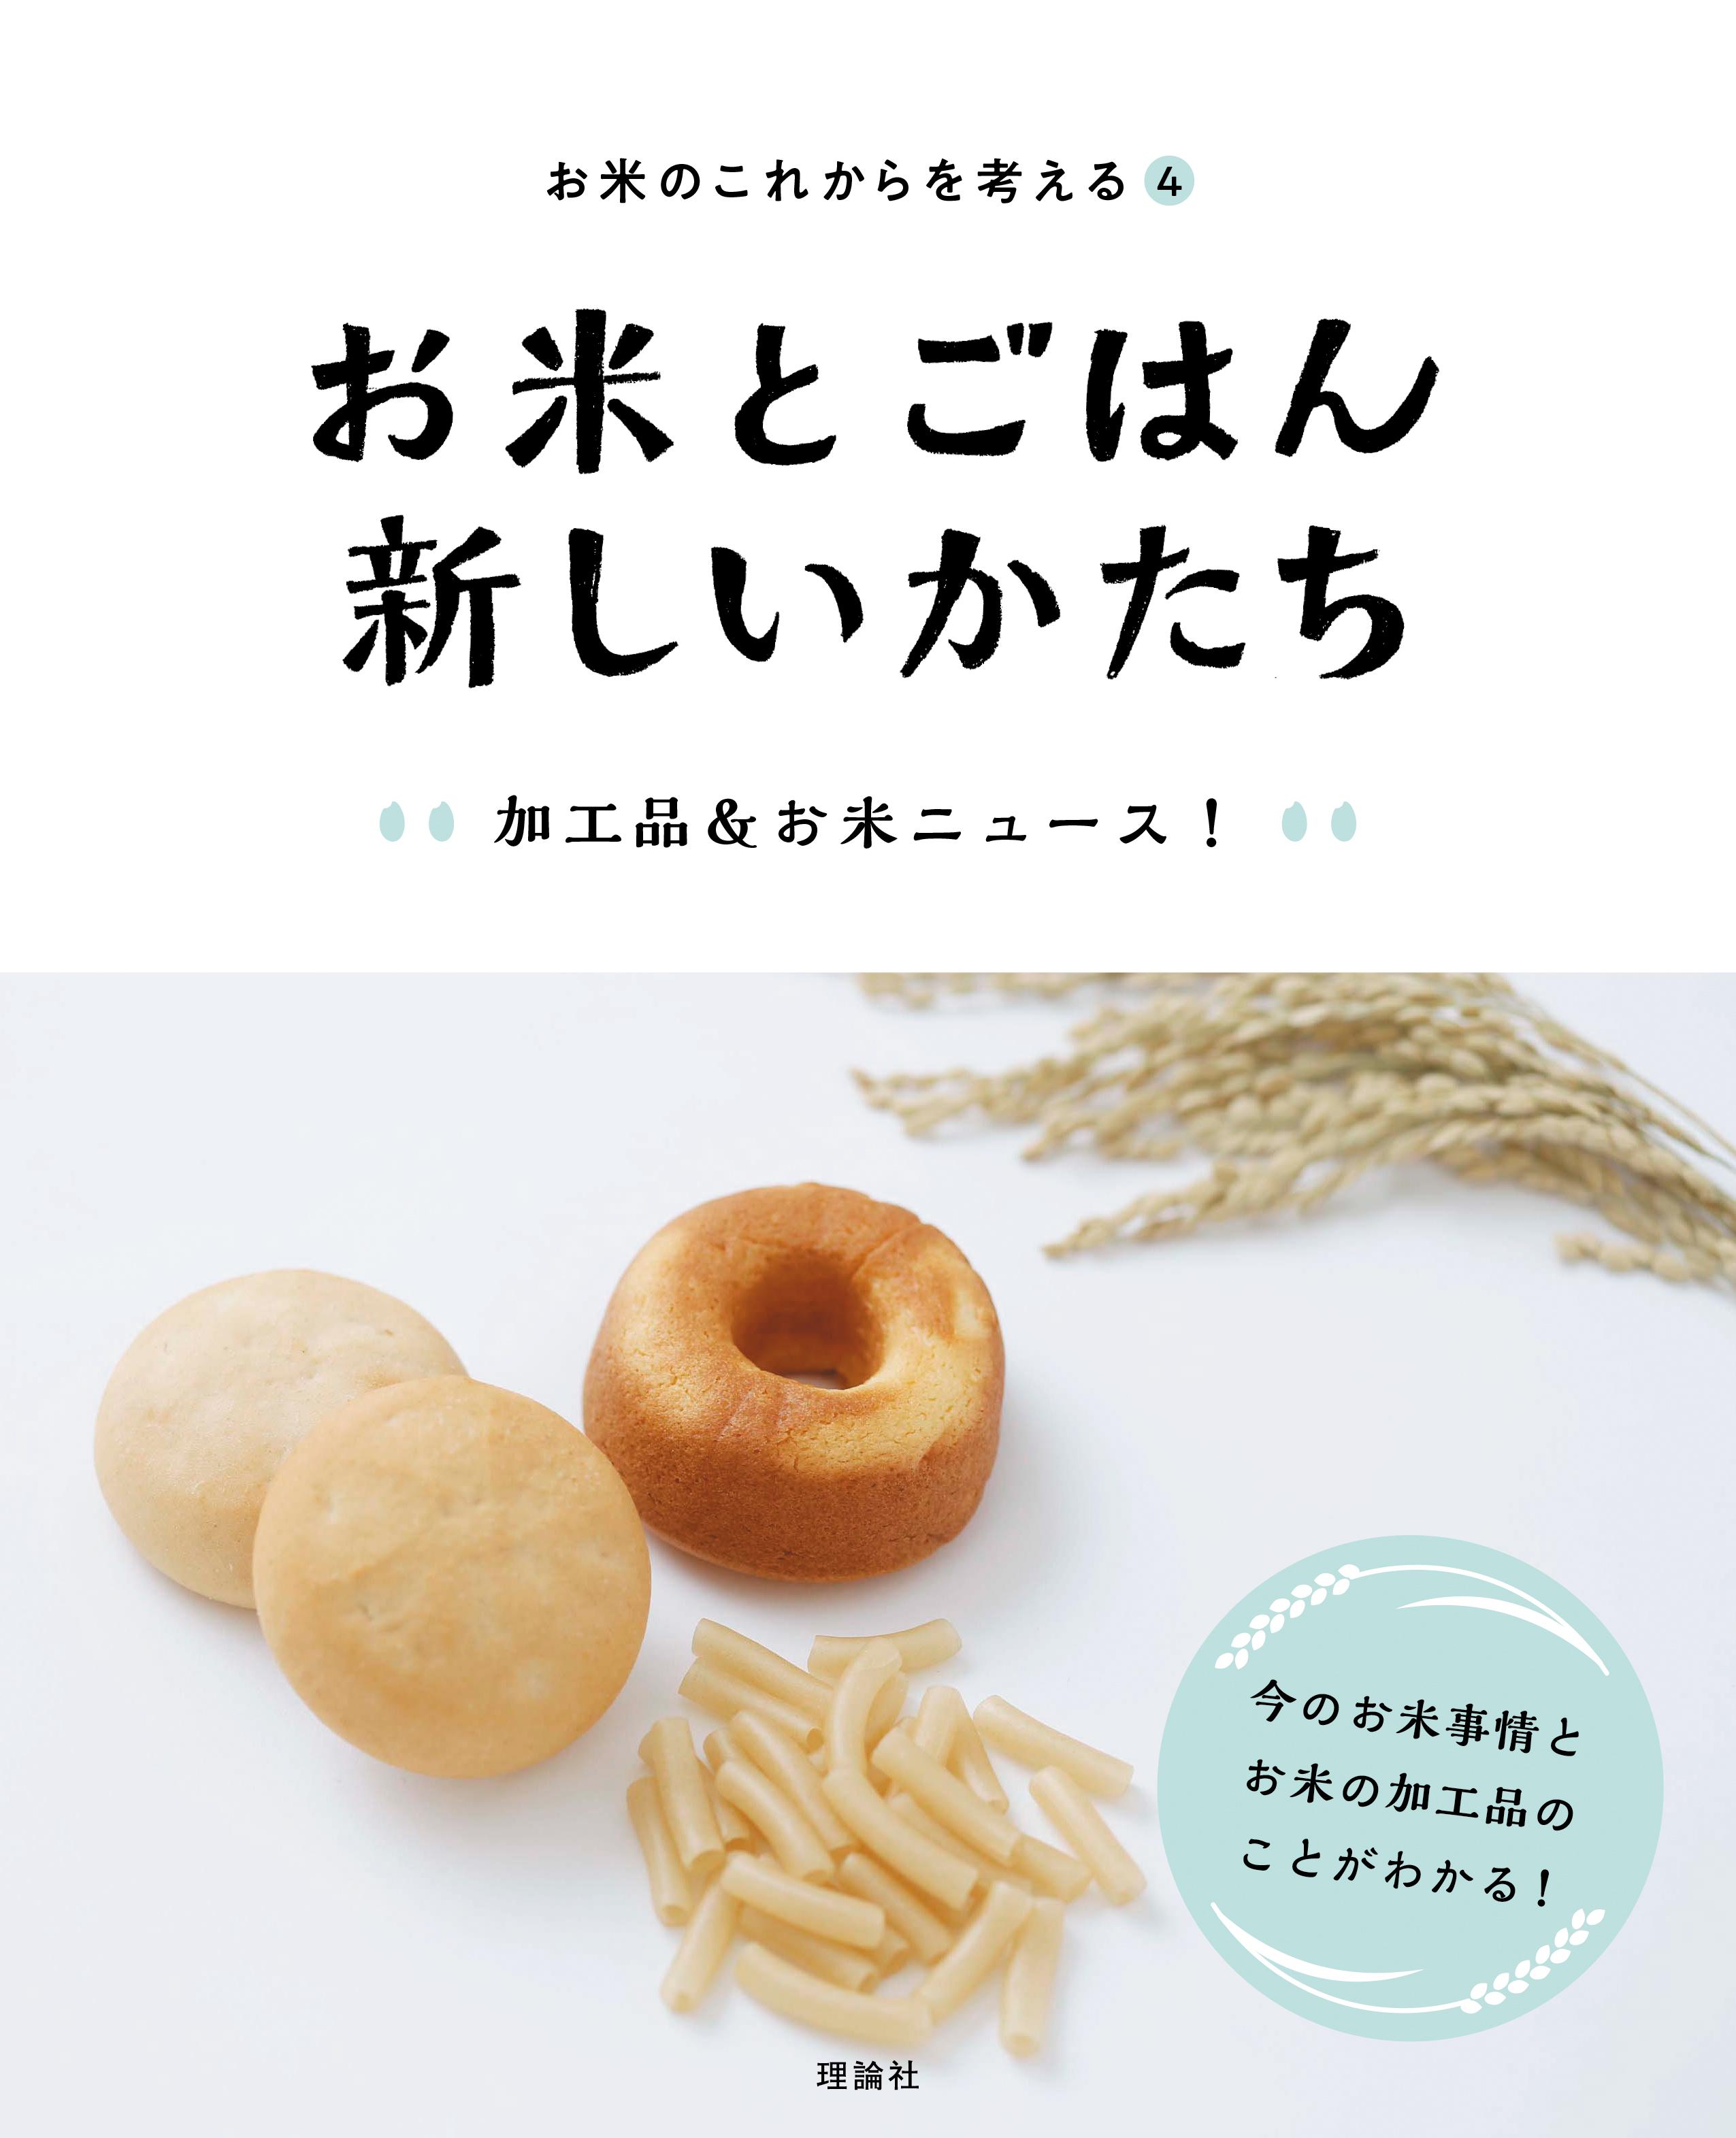 お米とごはん 新しいかたち 加工品&お米ニュース!